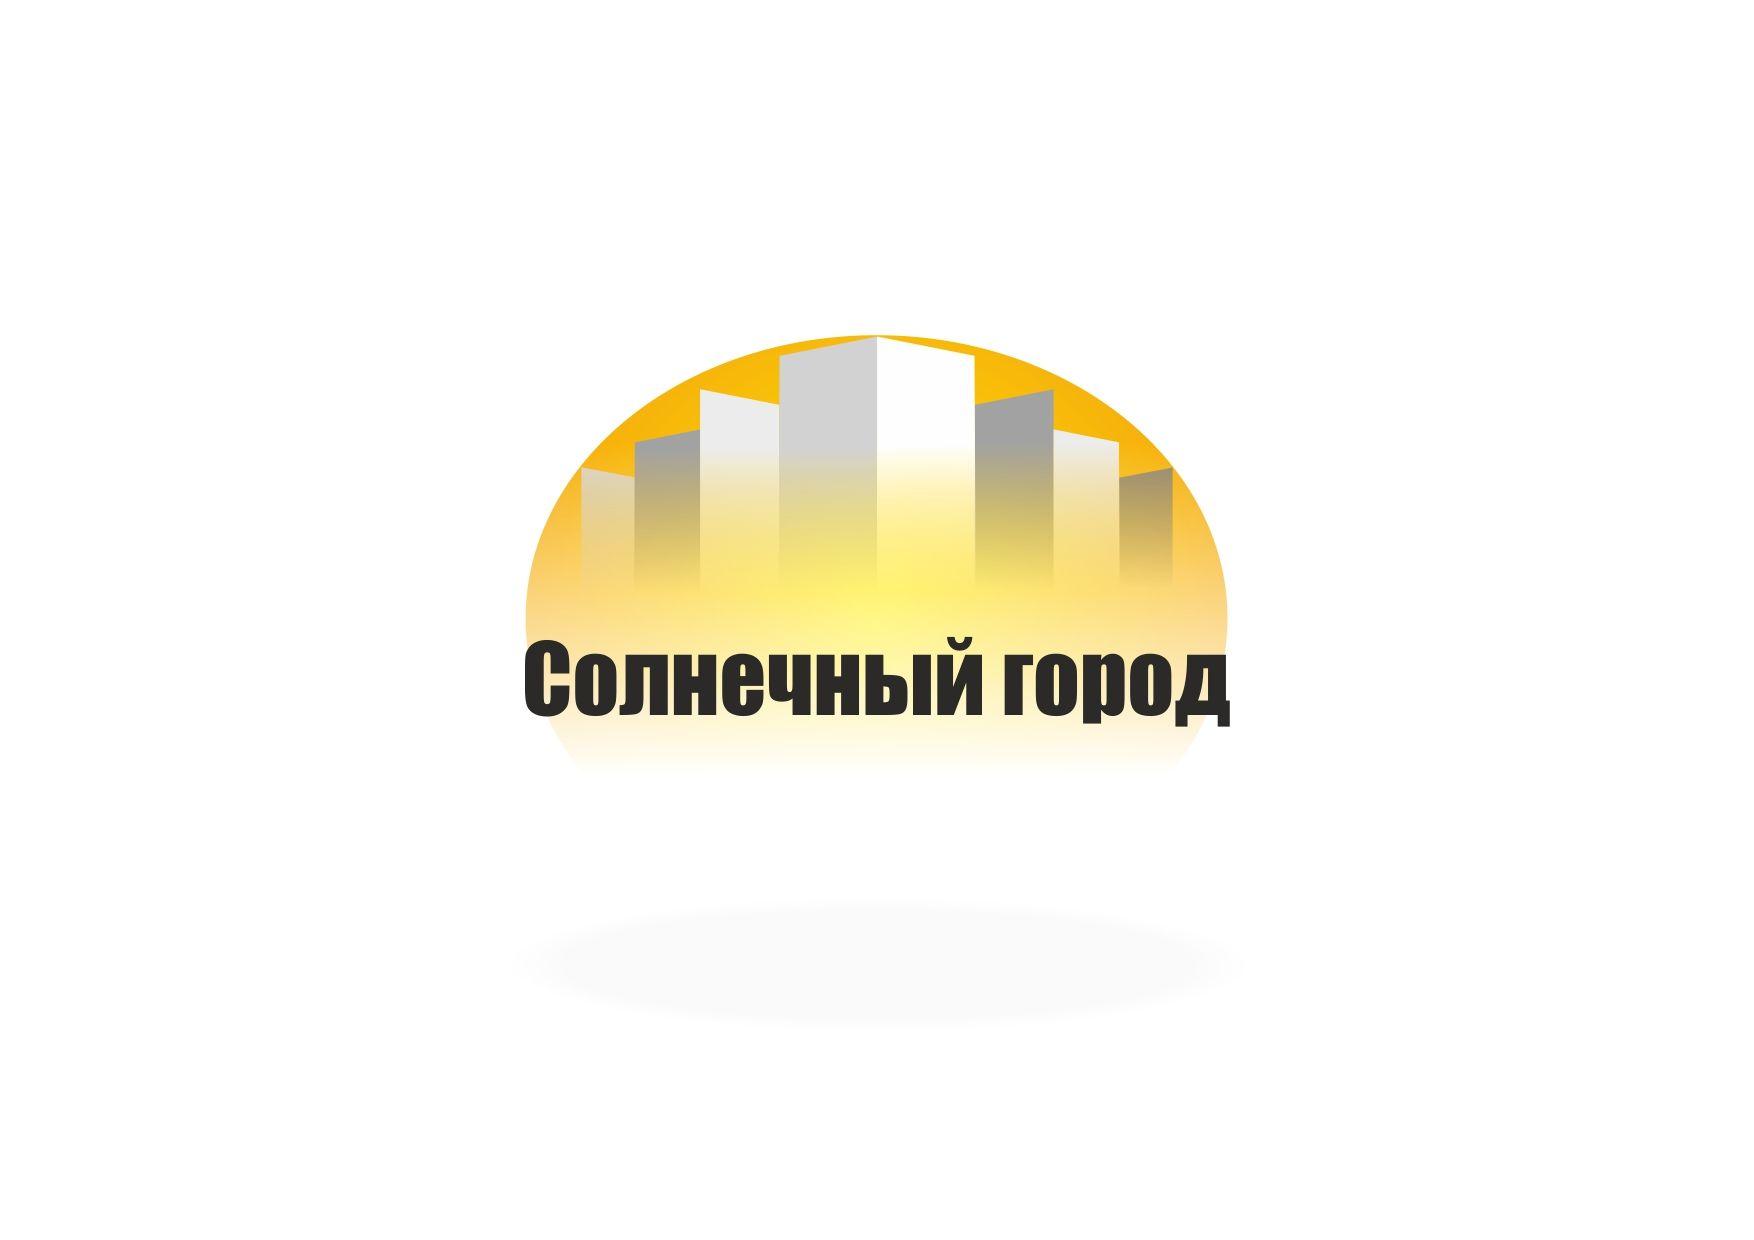 Логотип для солнечного города - дизайнер toster108